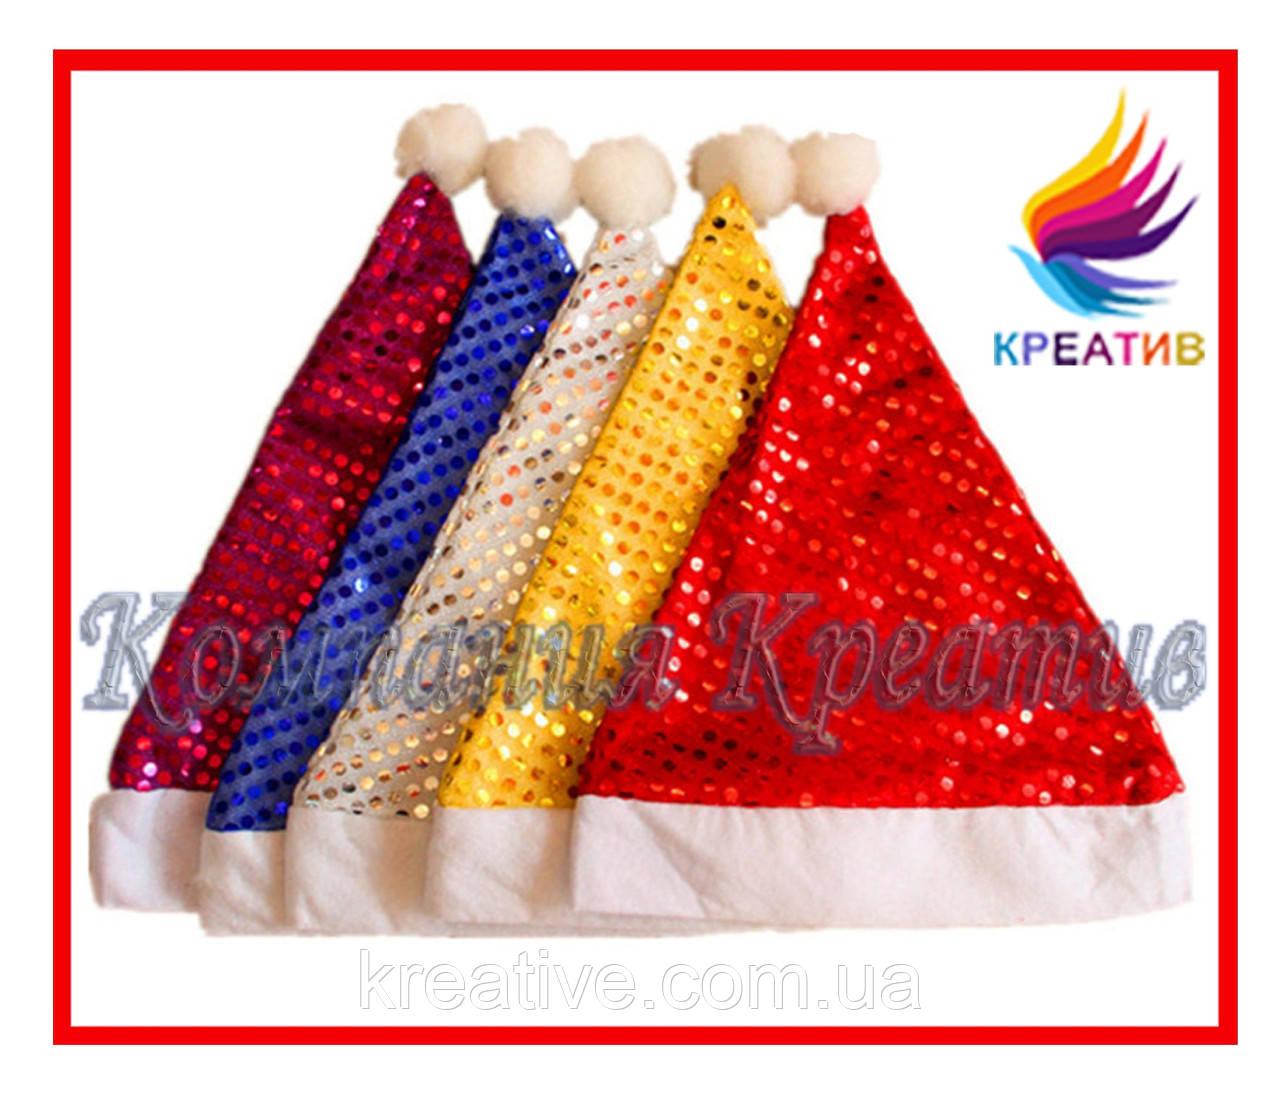 Новогодние шапочки из флиса под заказ (от 50 шт.)